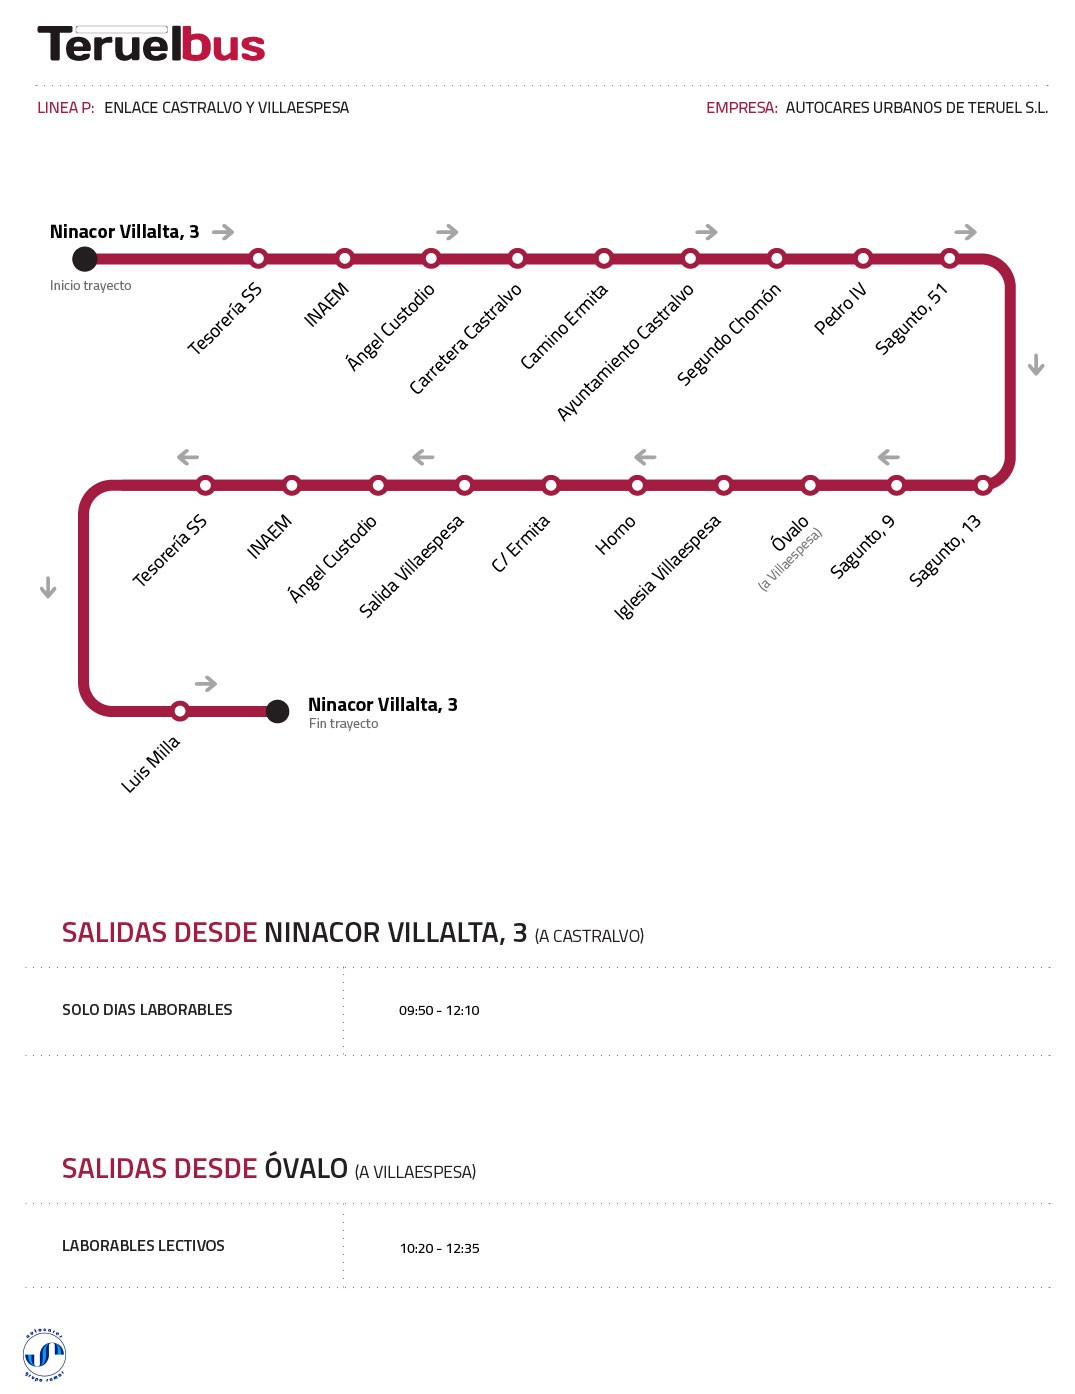 Línea P (Con Castralvo y Villaespesa)